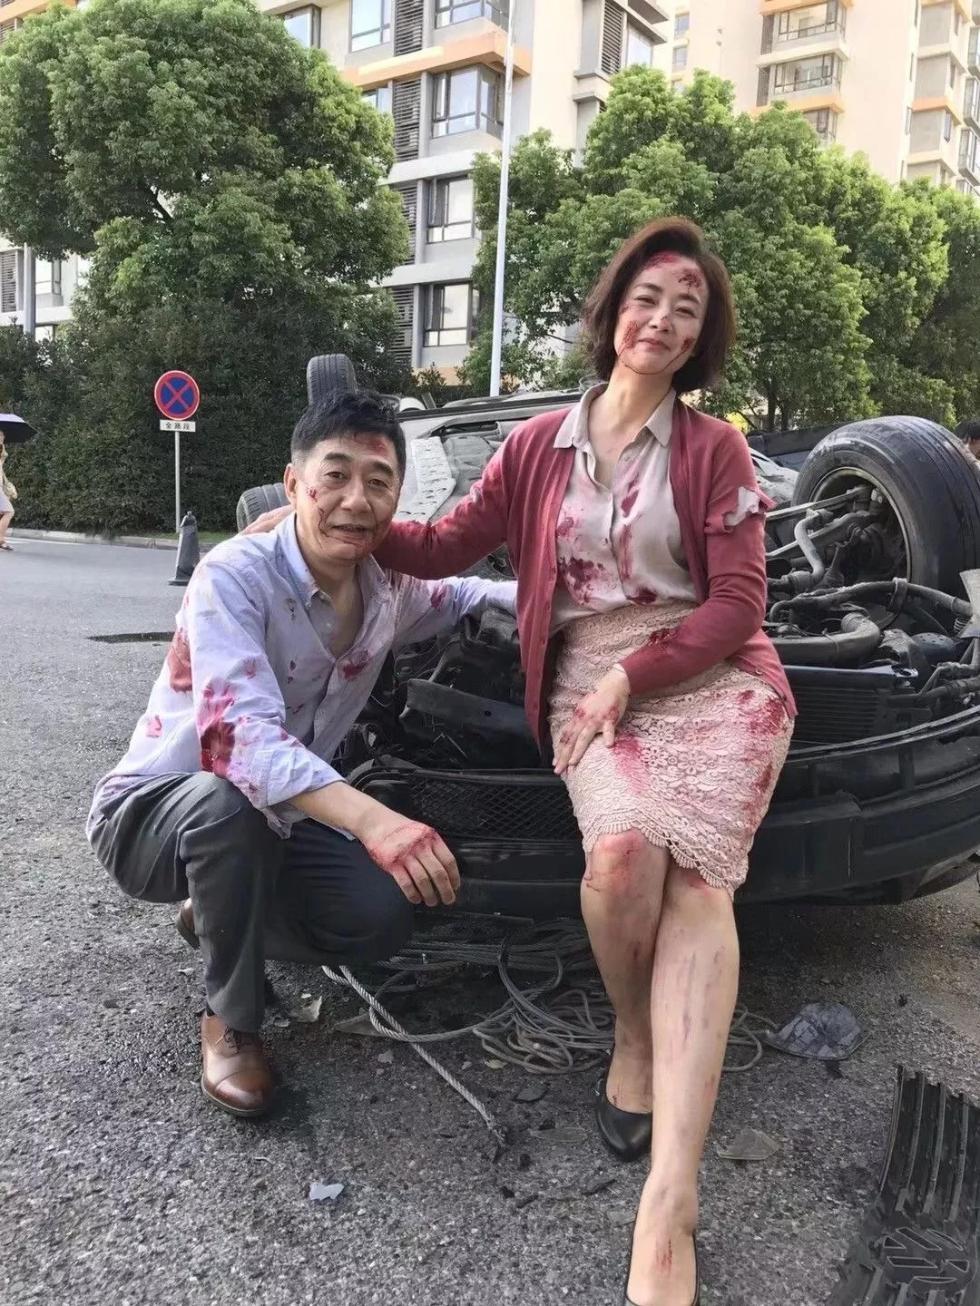 河南一家人深夜突遭車禍,現場竟然拍了張全家福…刷爆朋友圈!網友評論炸鍋了...